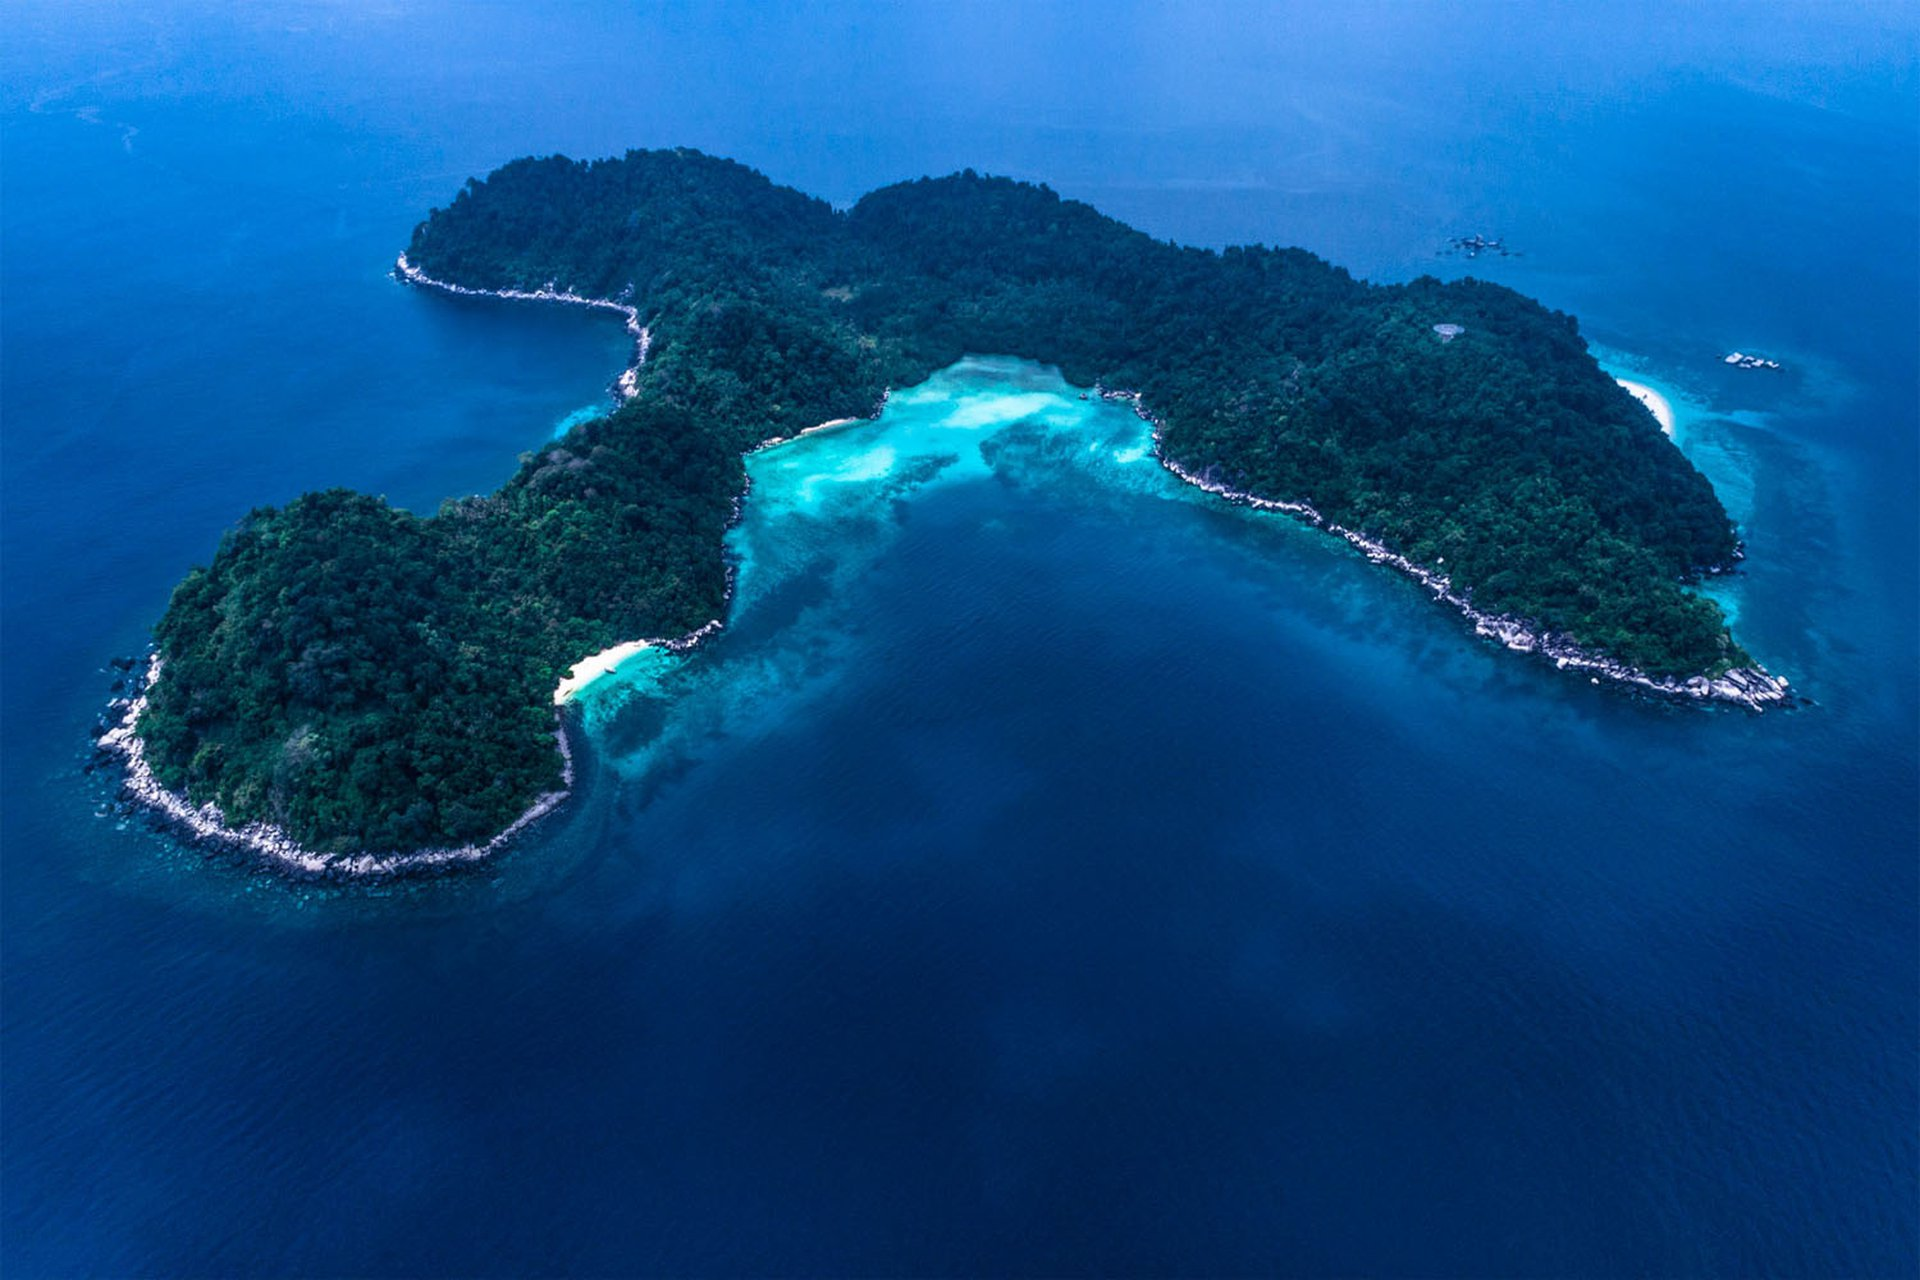 Tioman - hòn đảo dành cho những nhiếp ảnh gia yêu thiên nhiên